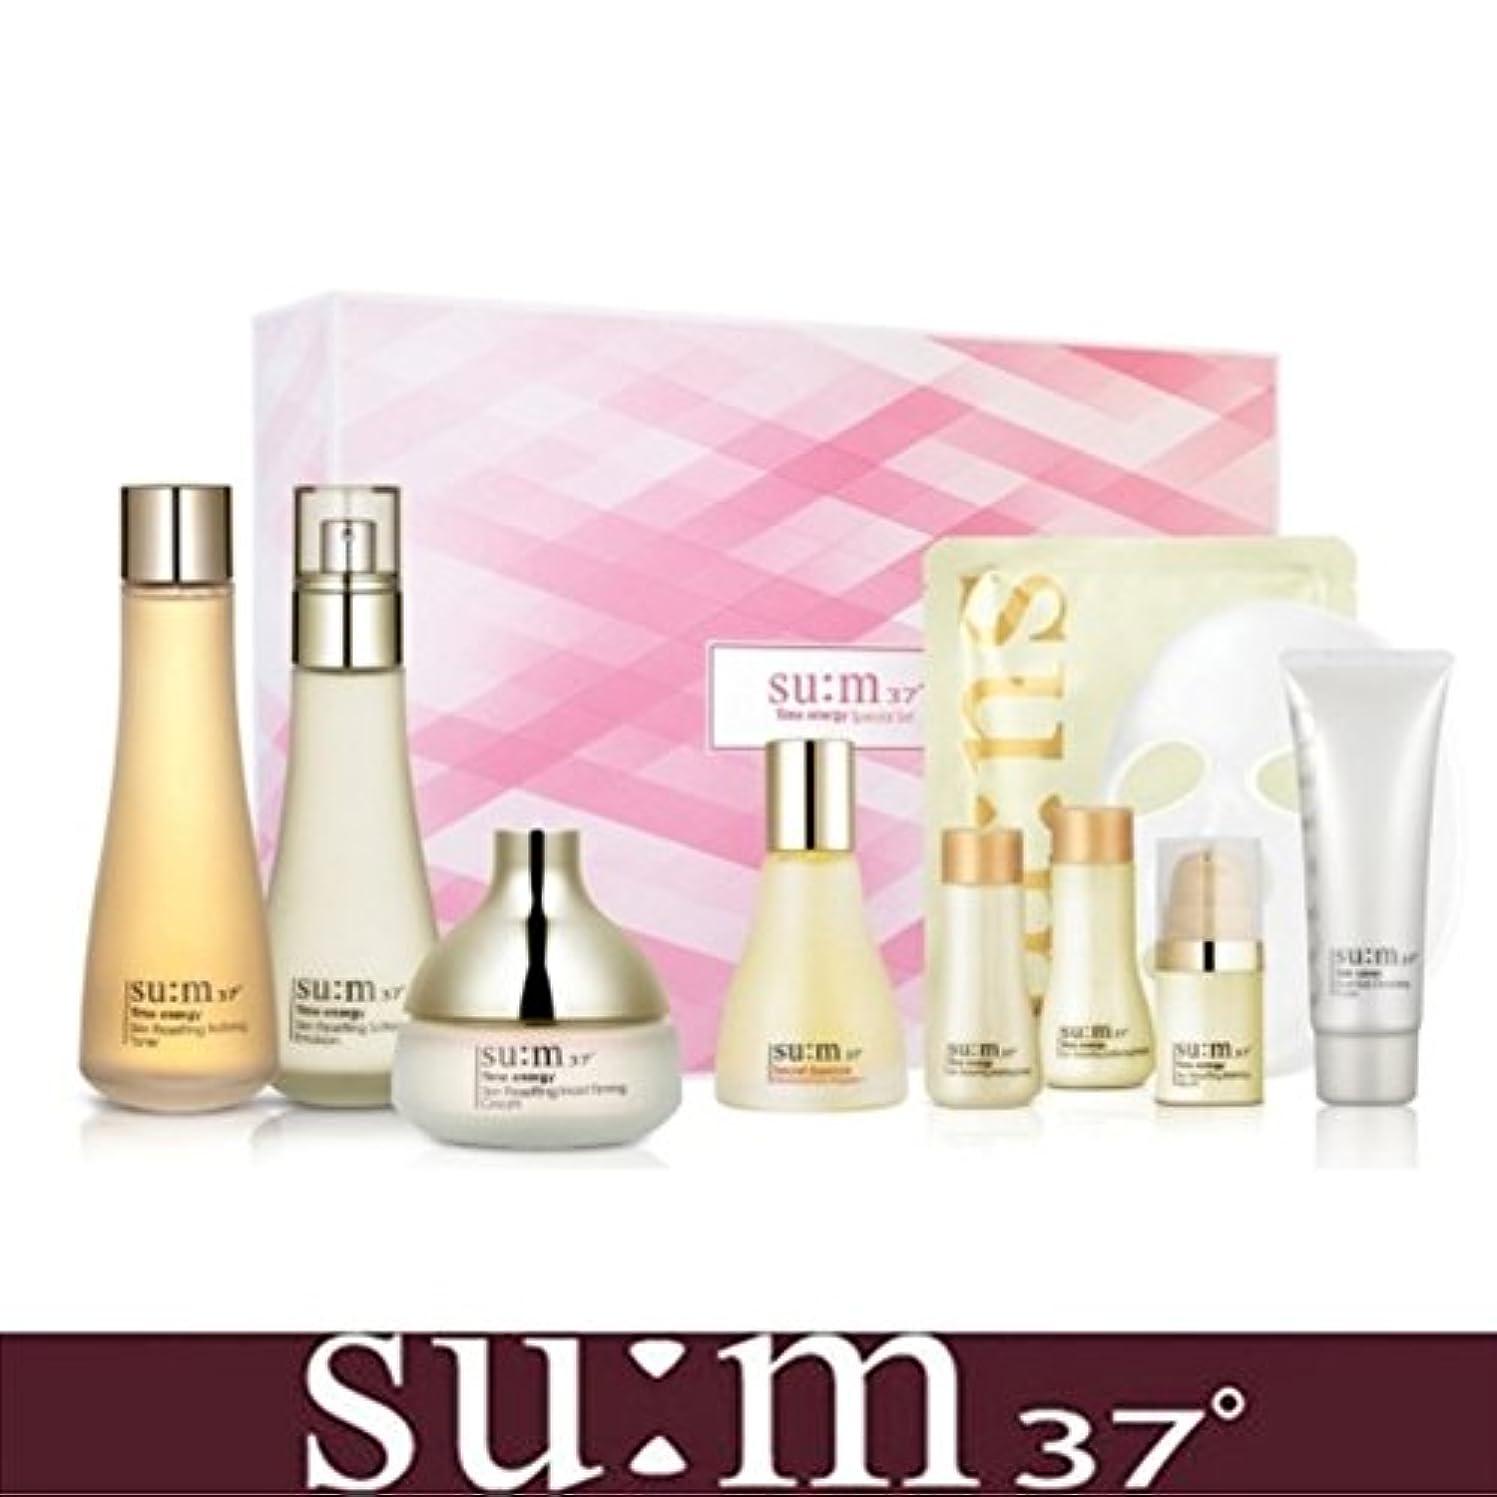 とげけん引暖かさ[su:m37/スム37°] SUM37 Time Energy 3pcs Special Skincare Set / タイムエネルギーの3種のスペシャルセット+[Sample Gift](海外直送品)